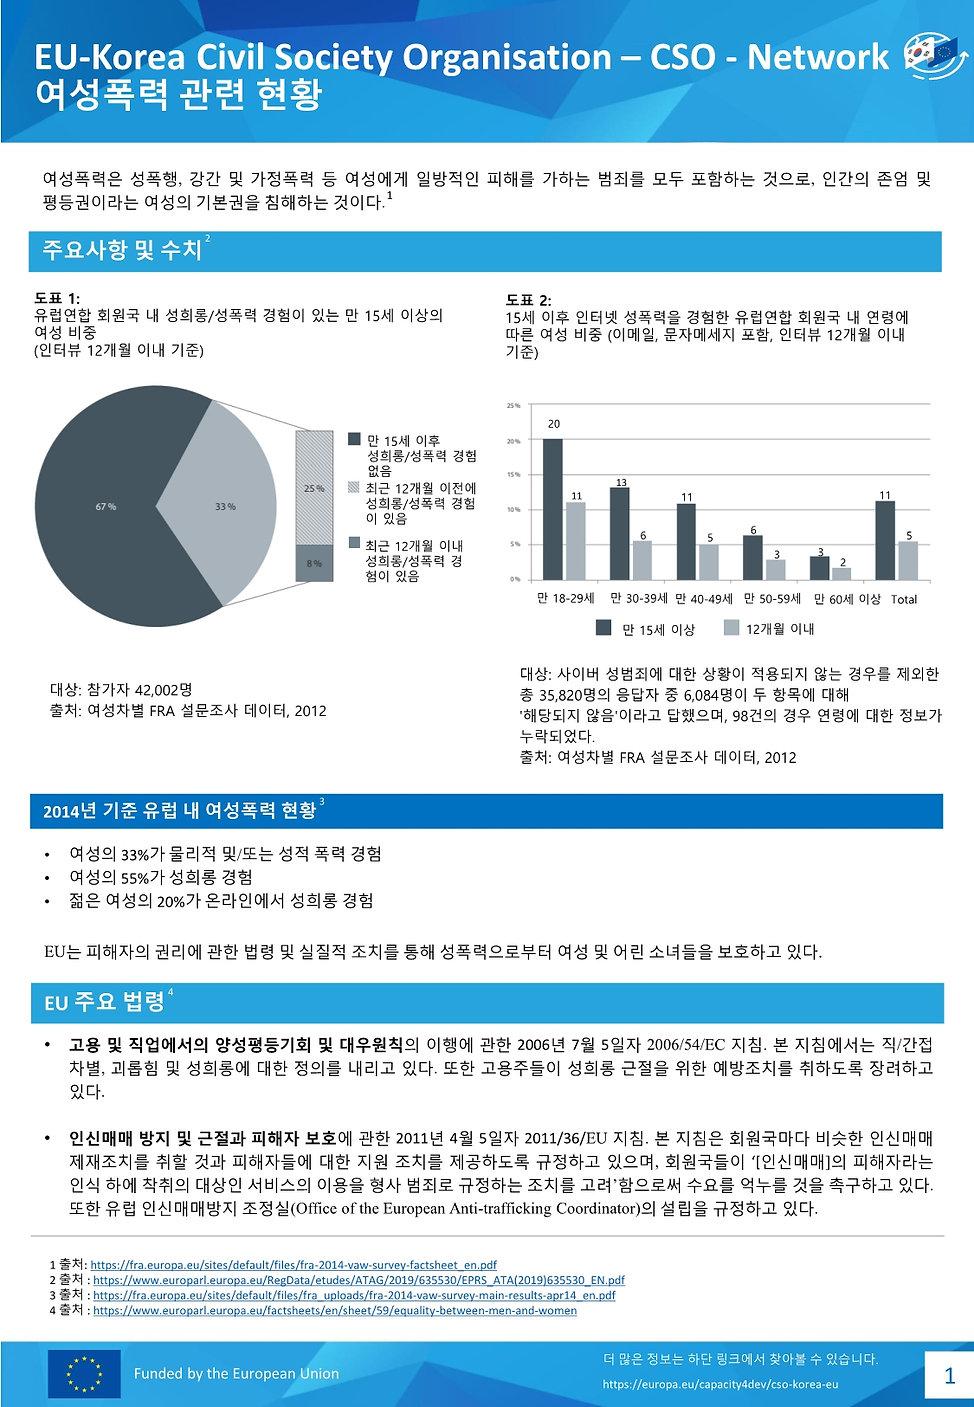 5. Violence against women_kor 1.jpg